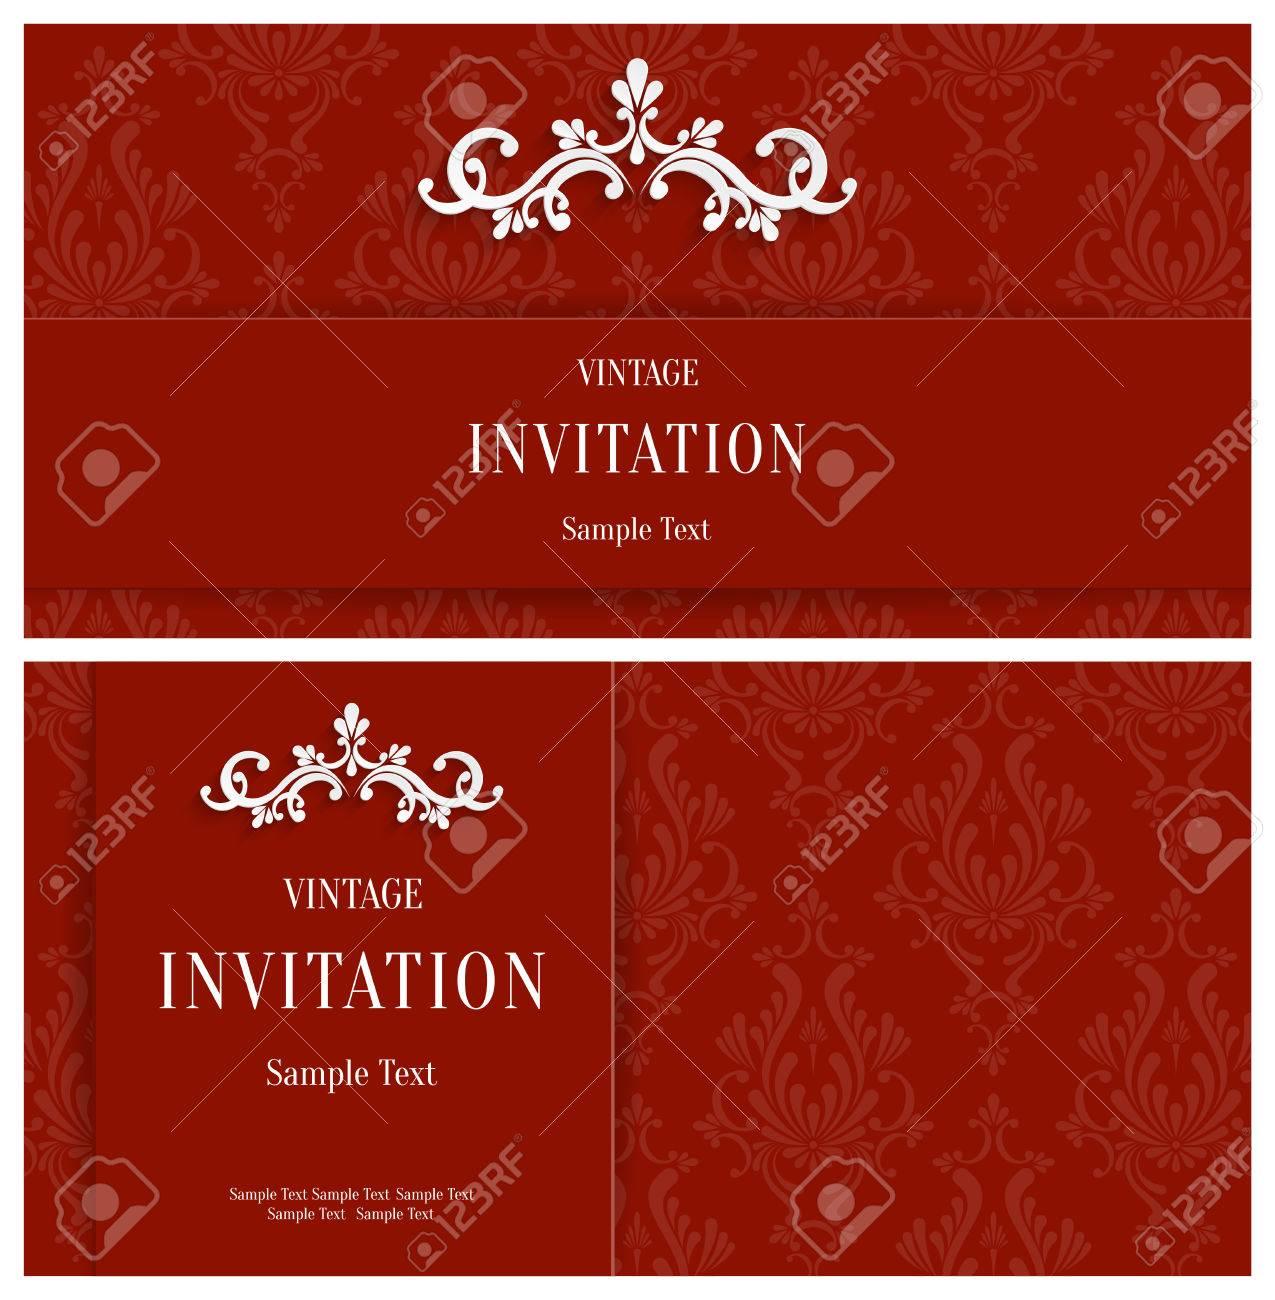 Vector Red 3d Floral Horizontal Tarjetas Conjunto, Navidad O ...